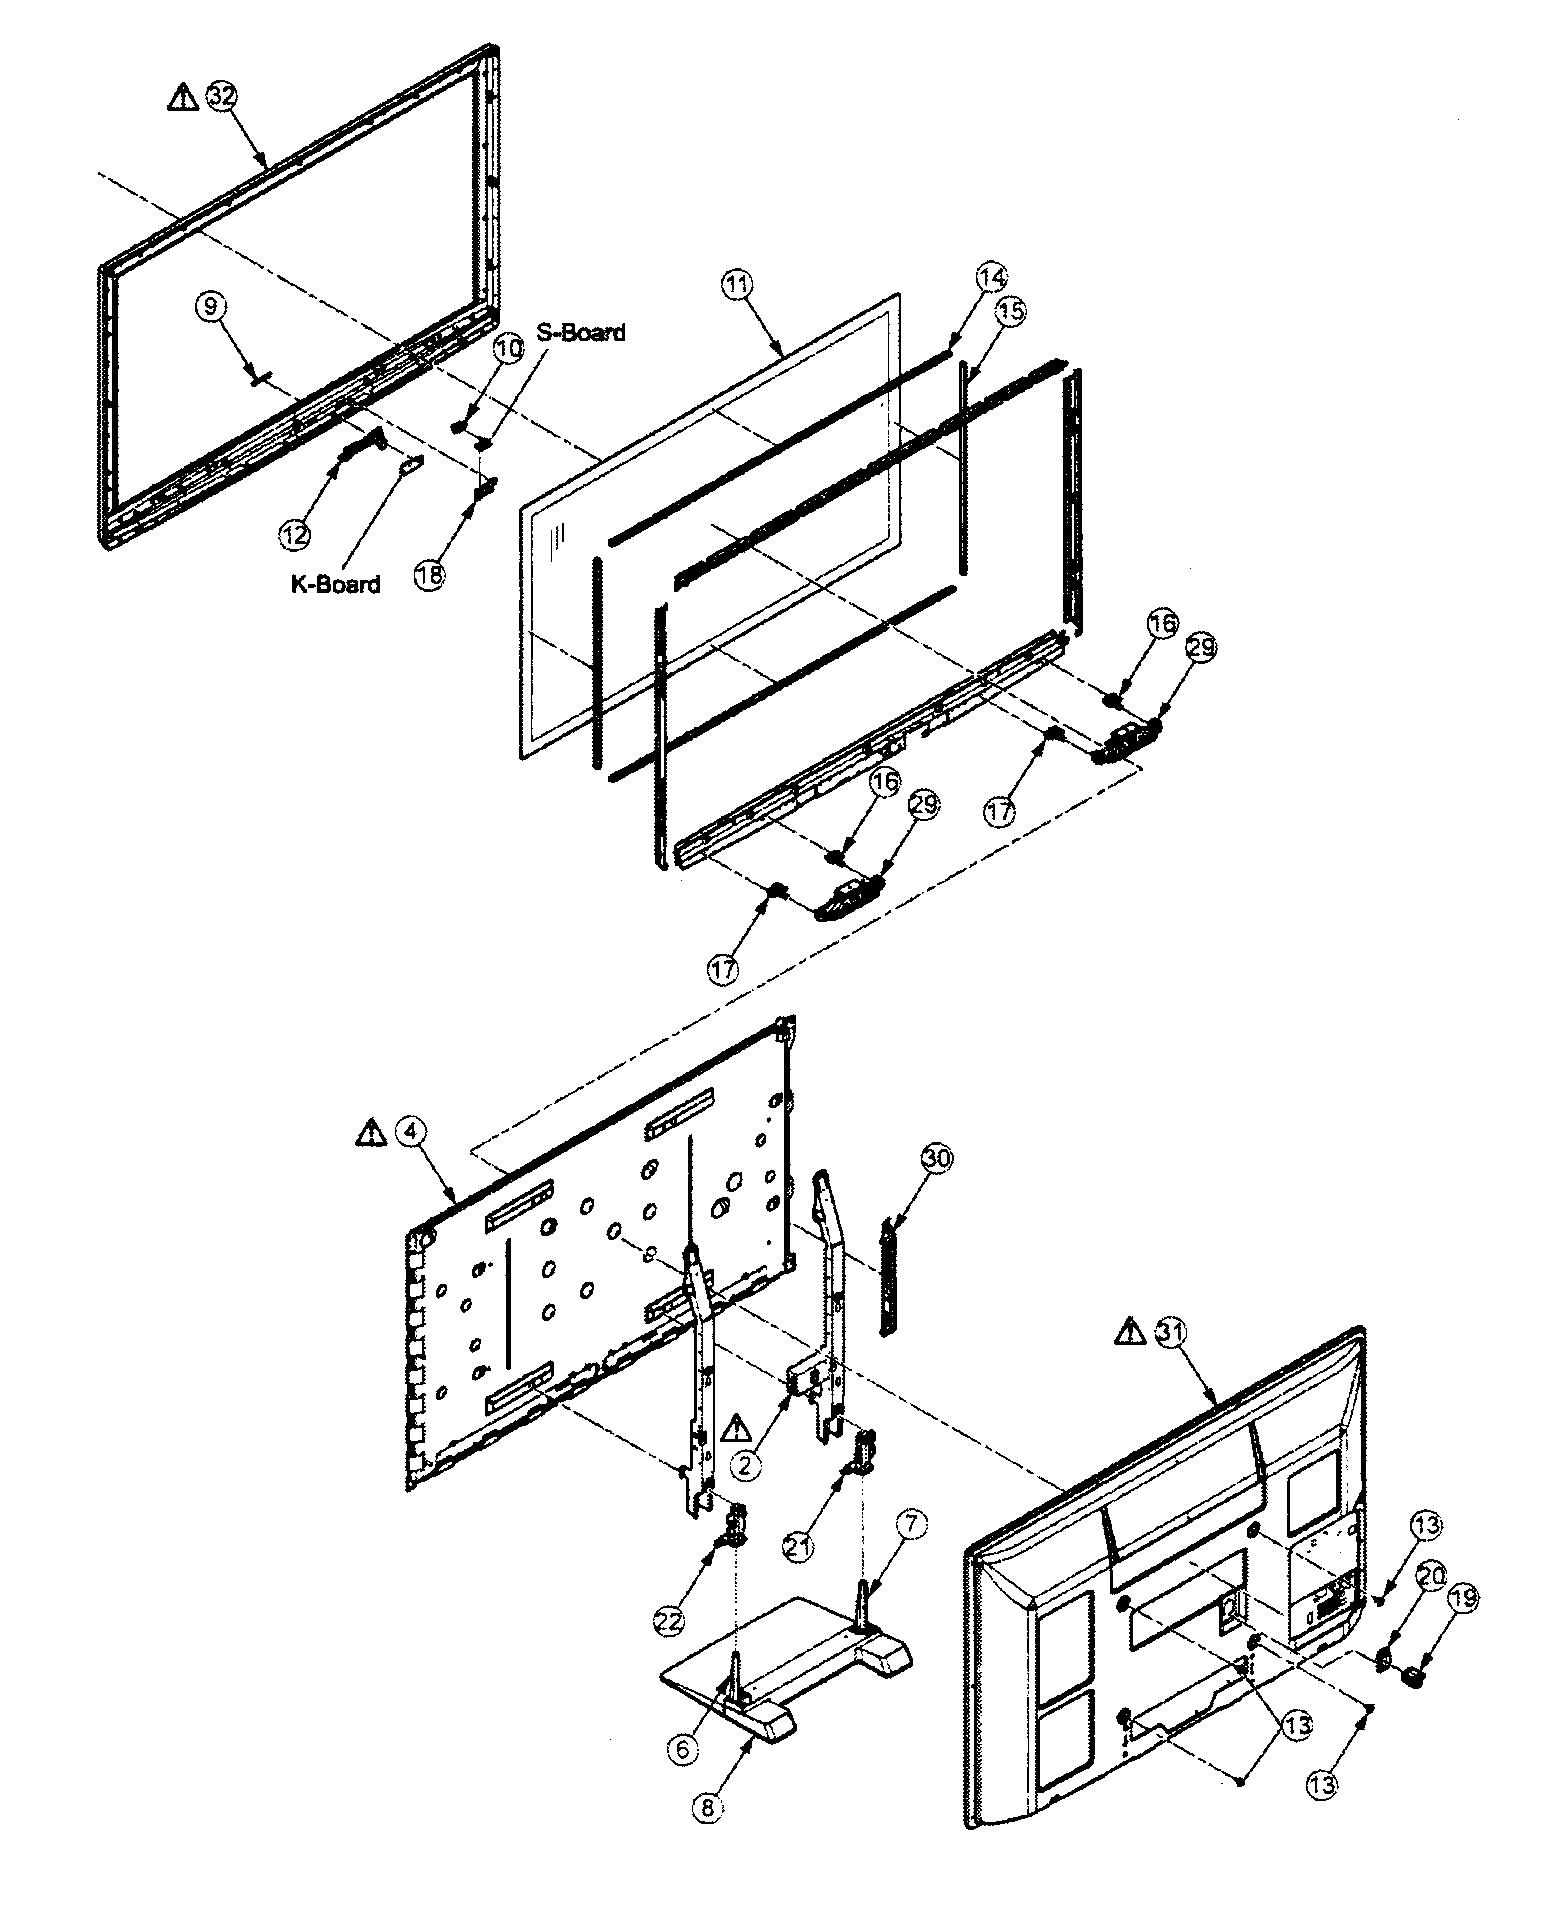 Panasonic model TC-P50C2 plasma television genuine parts